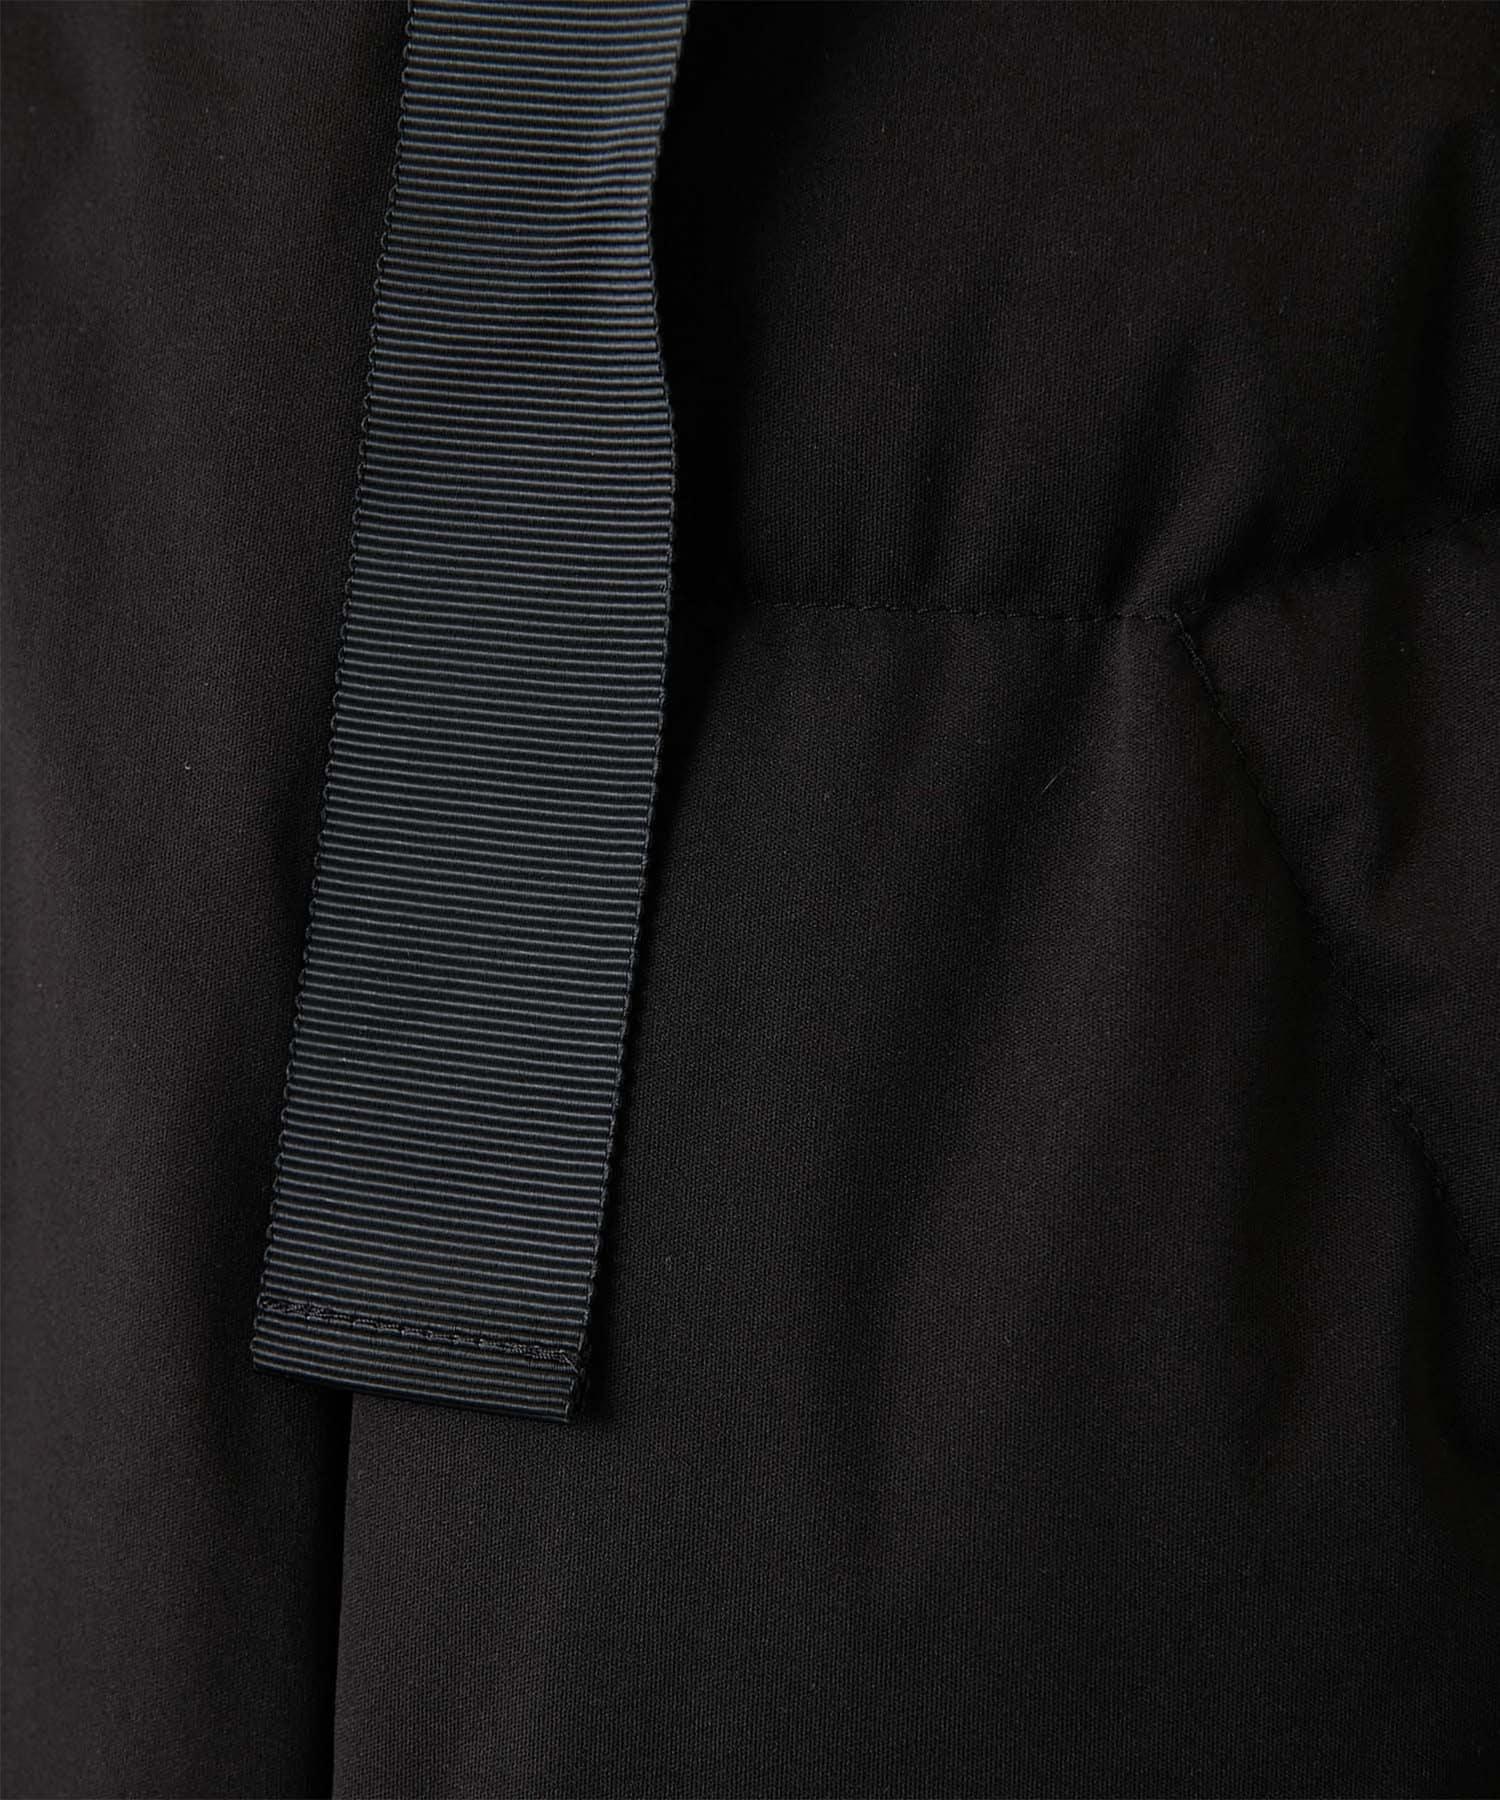 GALLARDAGALANTE(ガリャルダガランテ) 【6×1COPENHAGEN】コクーンダウンジャケット